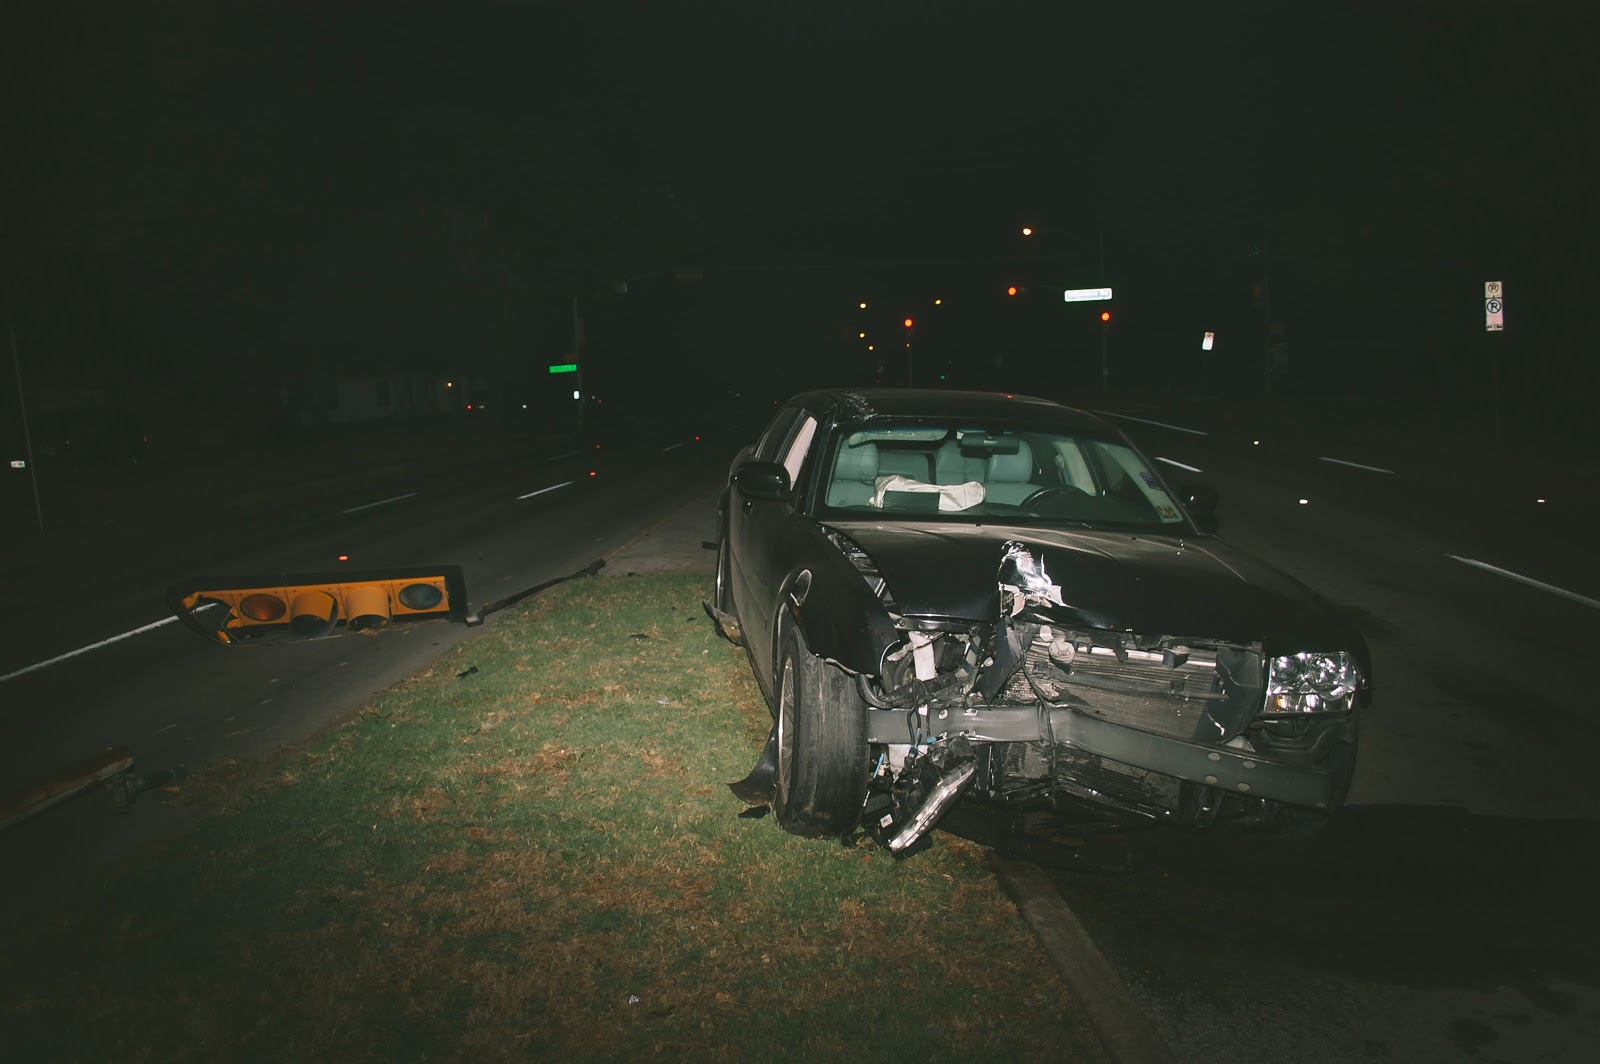 Coche destrozado en una mediana de carretera